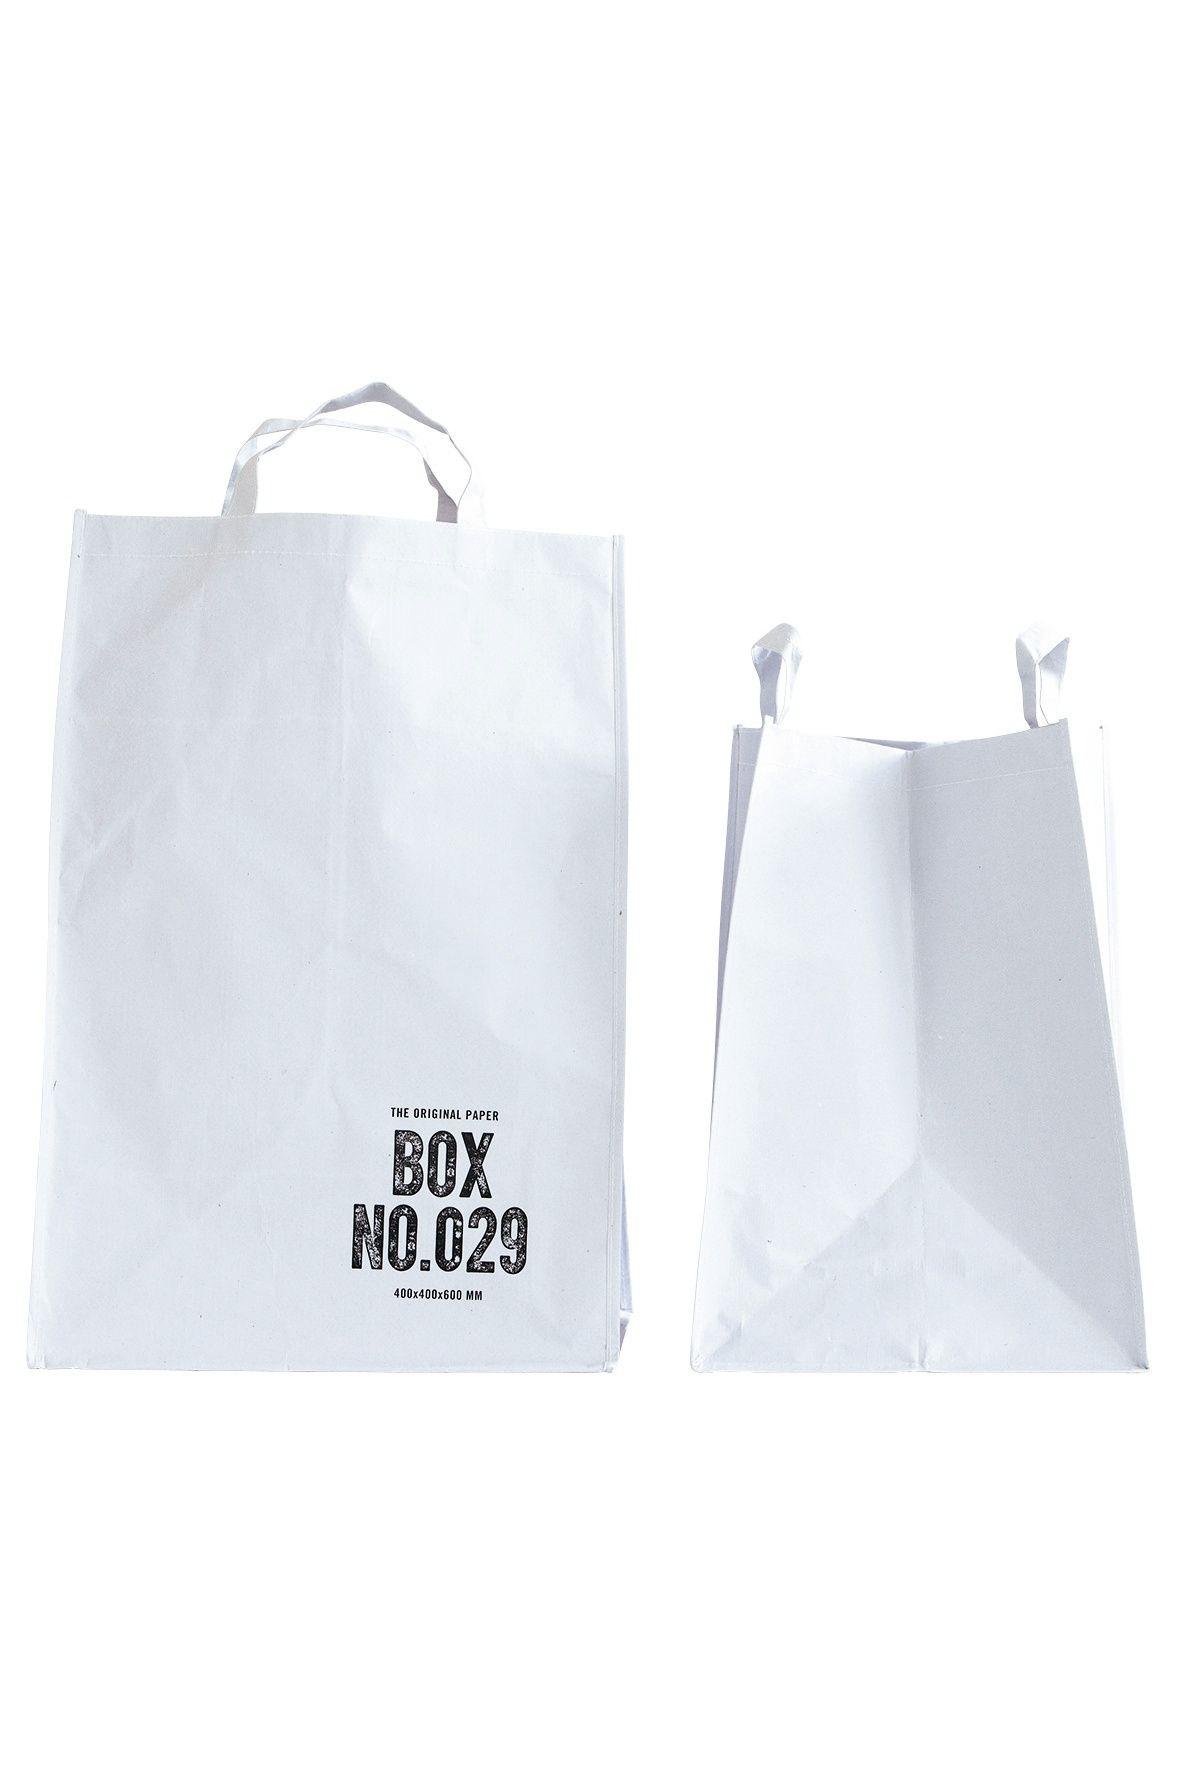 House Doctor Dekorativní taška white BOX NO.028 Větší, bílá barva, papír